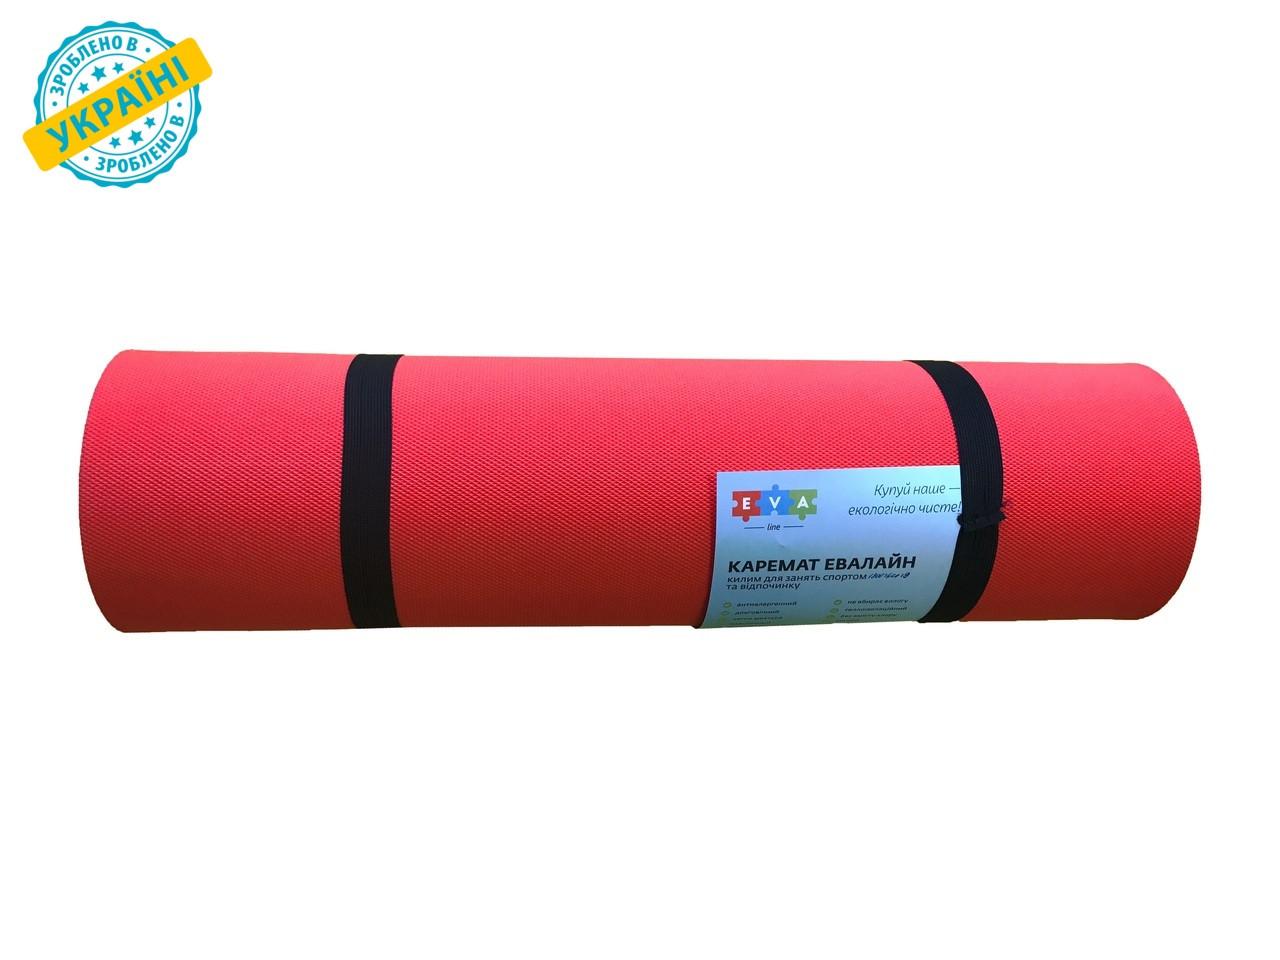 Коврик (каремат) 180*60*0.4 см для туризма и спорта Eva-Line двухсторонний красный